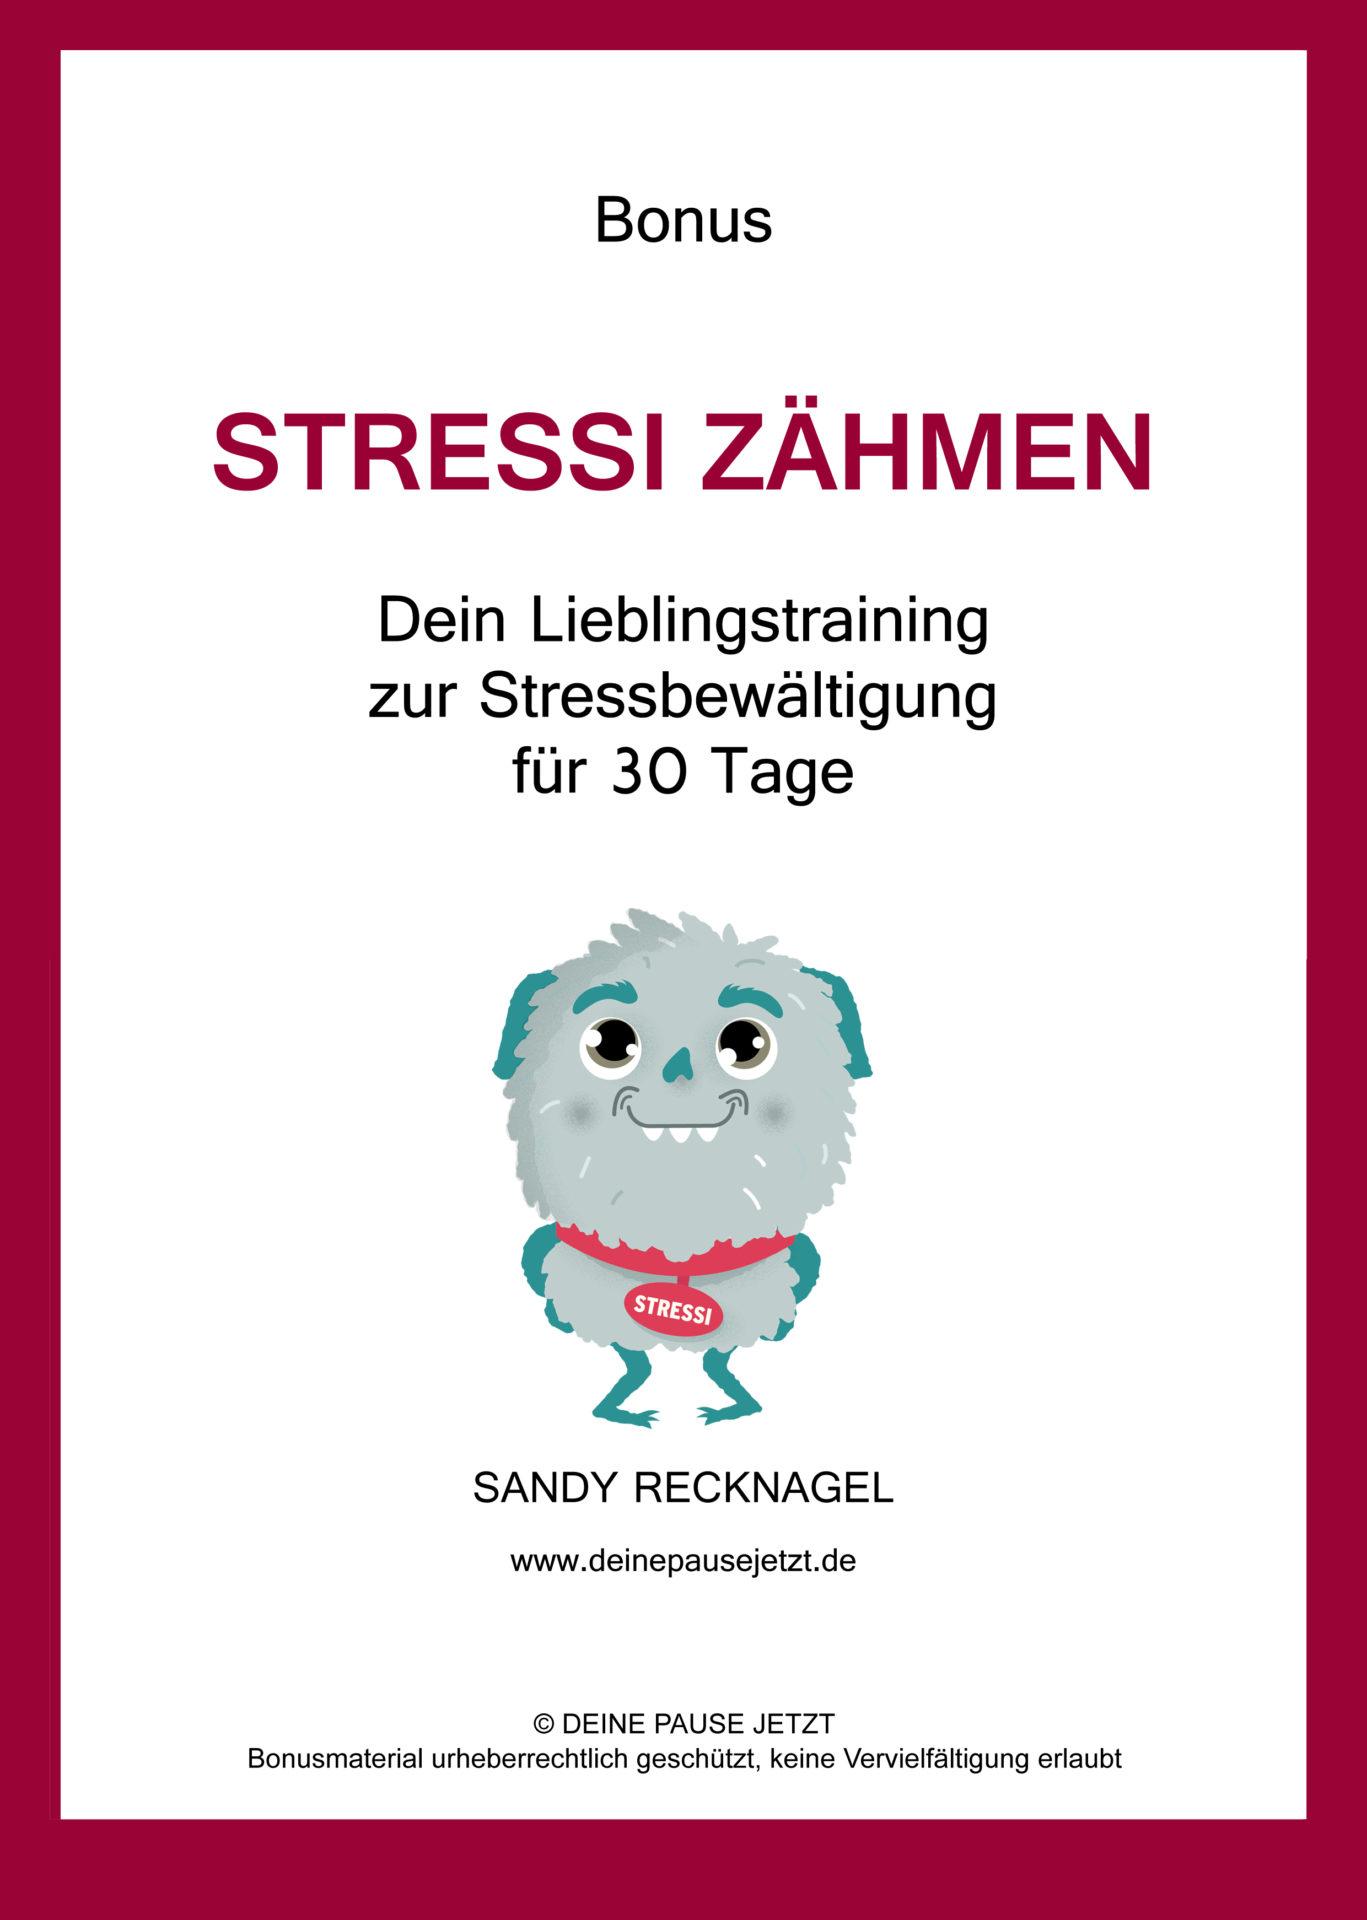 Stressberatung-Sandy-Recknagel-DEINE-PAUSE-JETZT